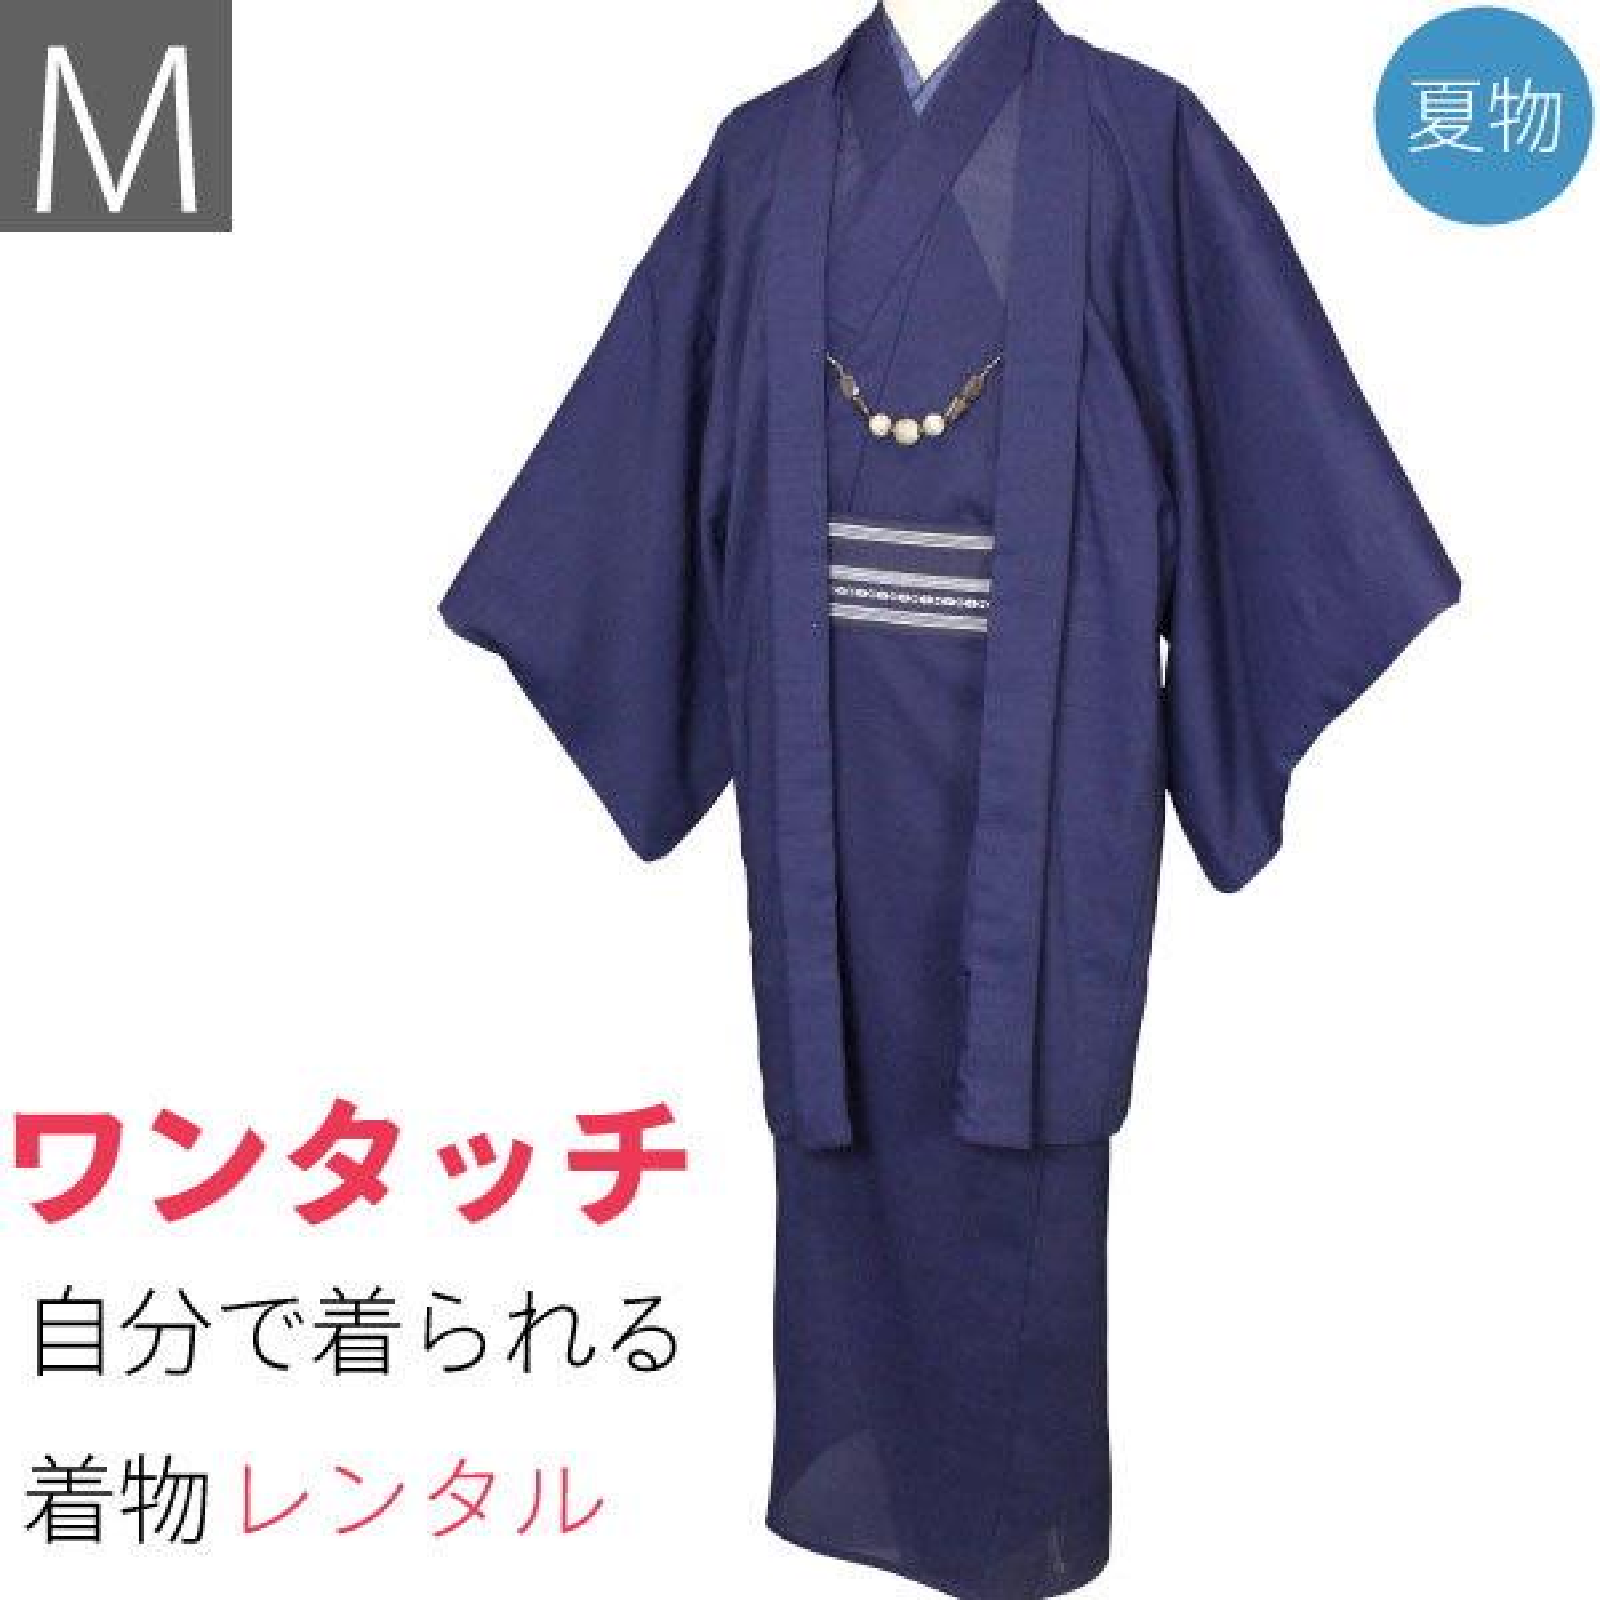 【レンタル】夏 着物 レンタル 男 メンズ 夏物 紗「Mサイズ」濃紺アンサンブル 紗羽織付きセット(なつもの) (8422)